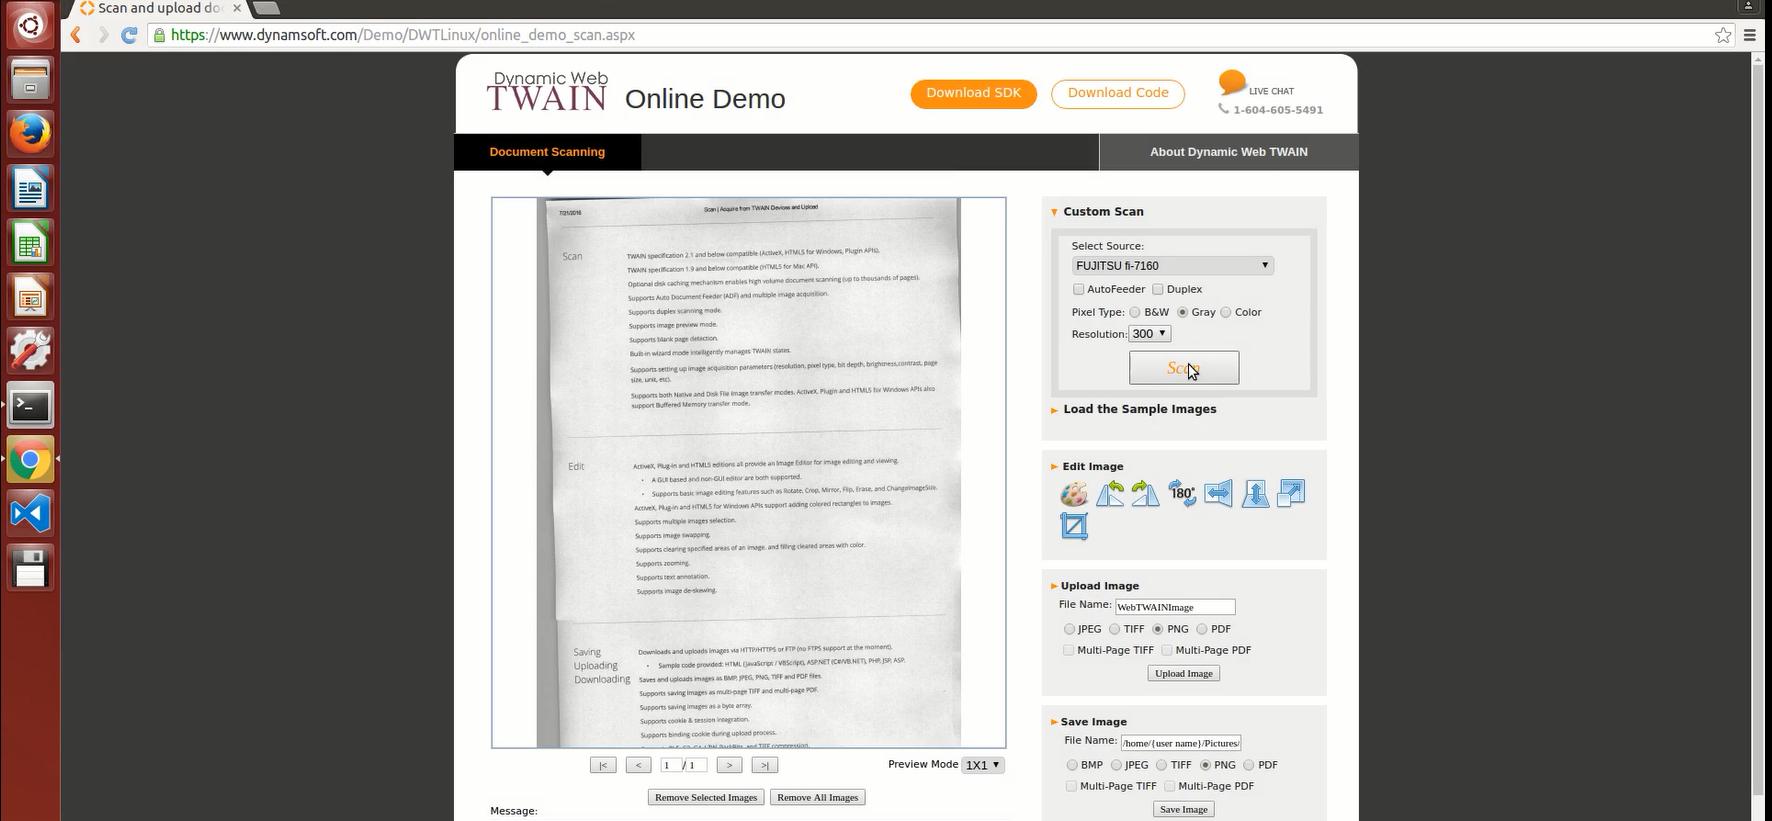 document scanning on Ubuntu